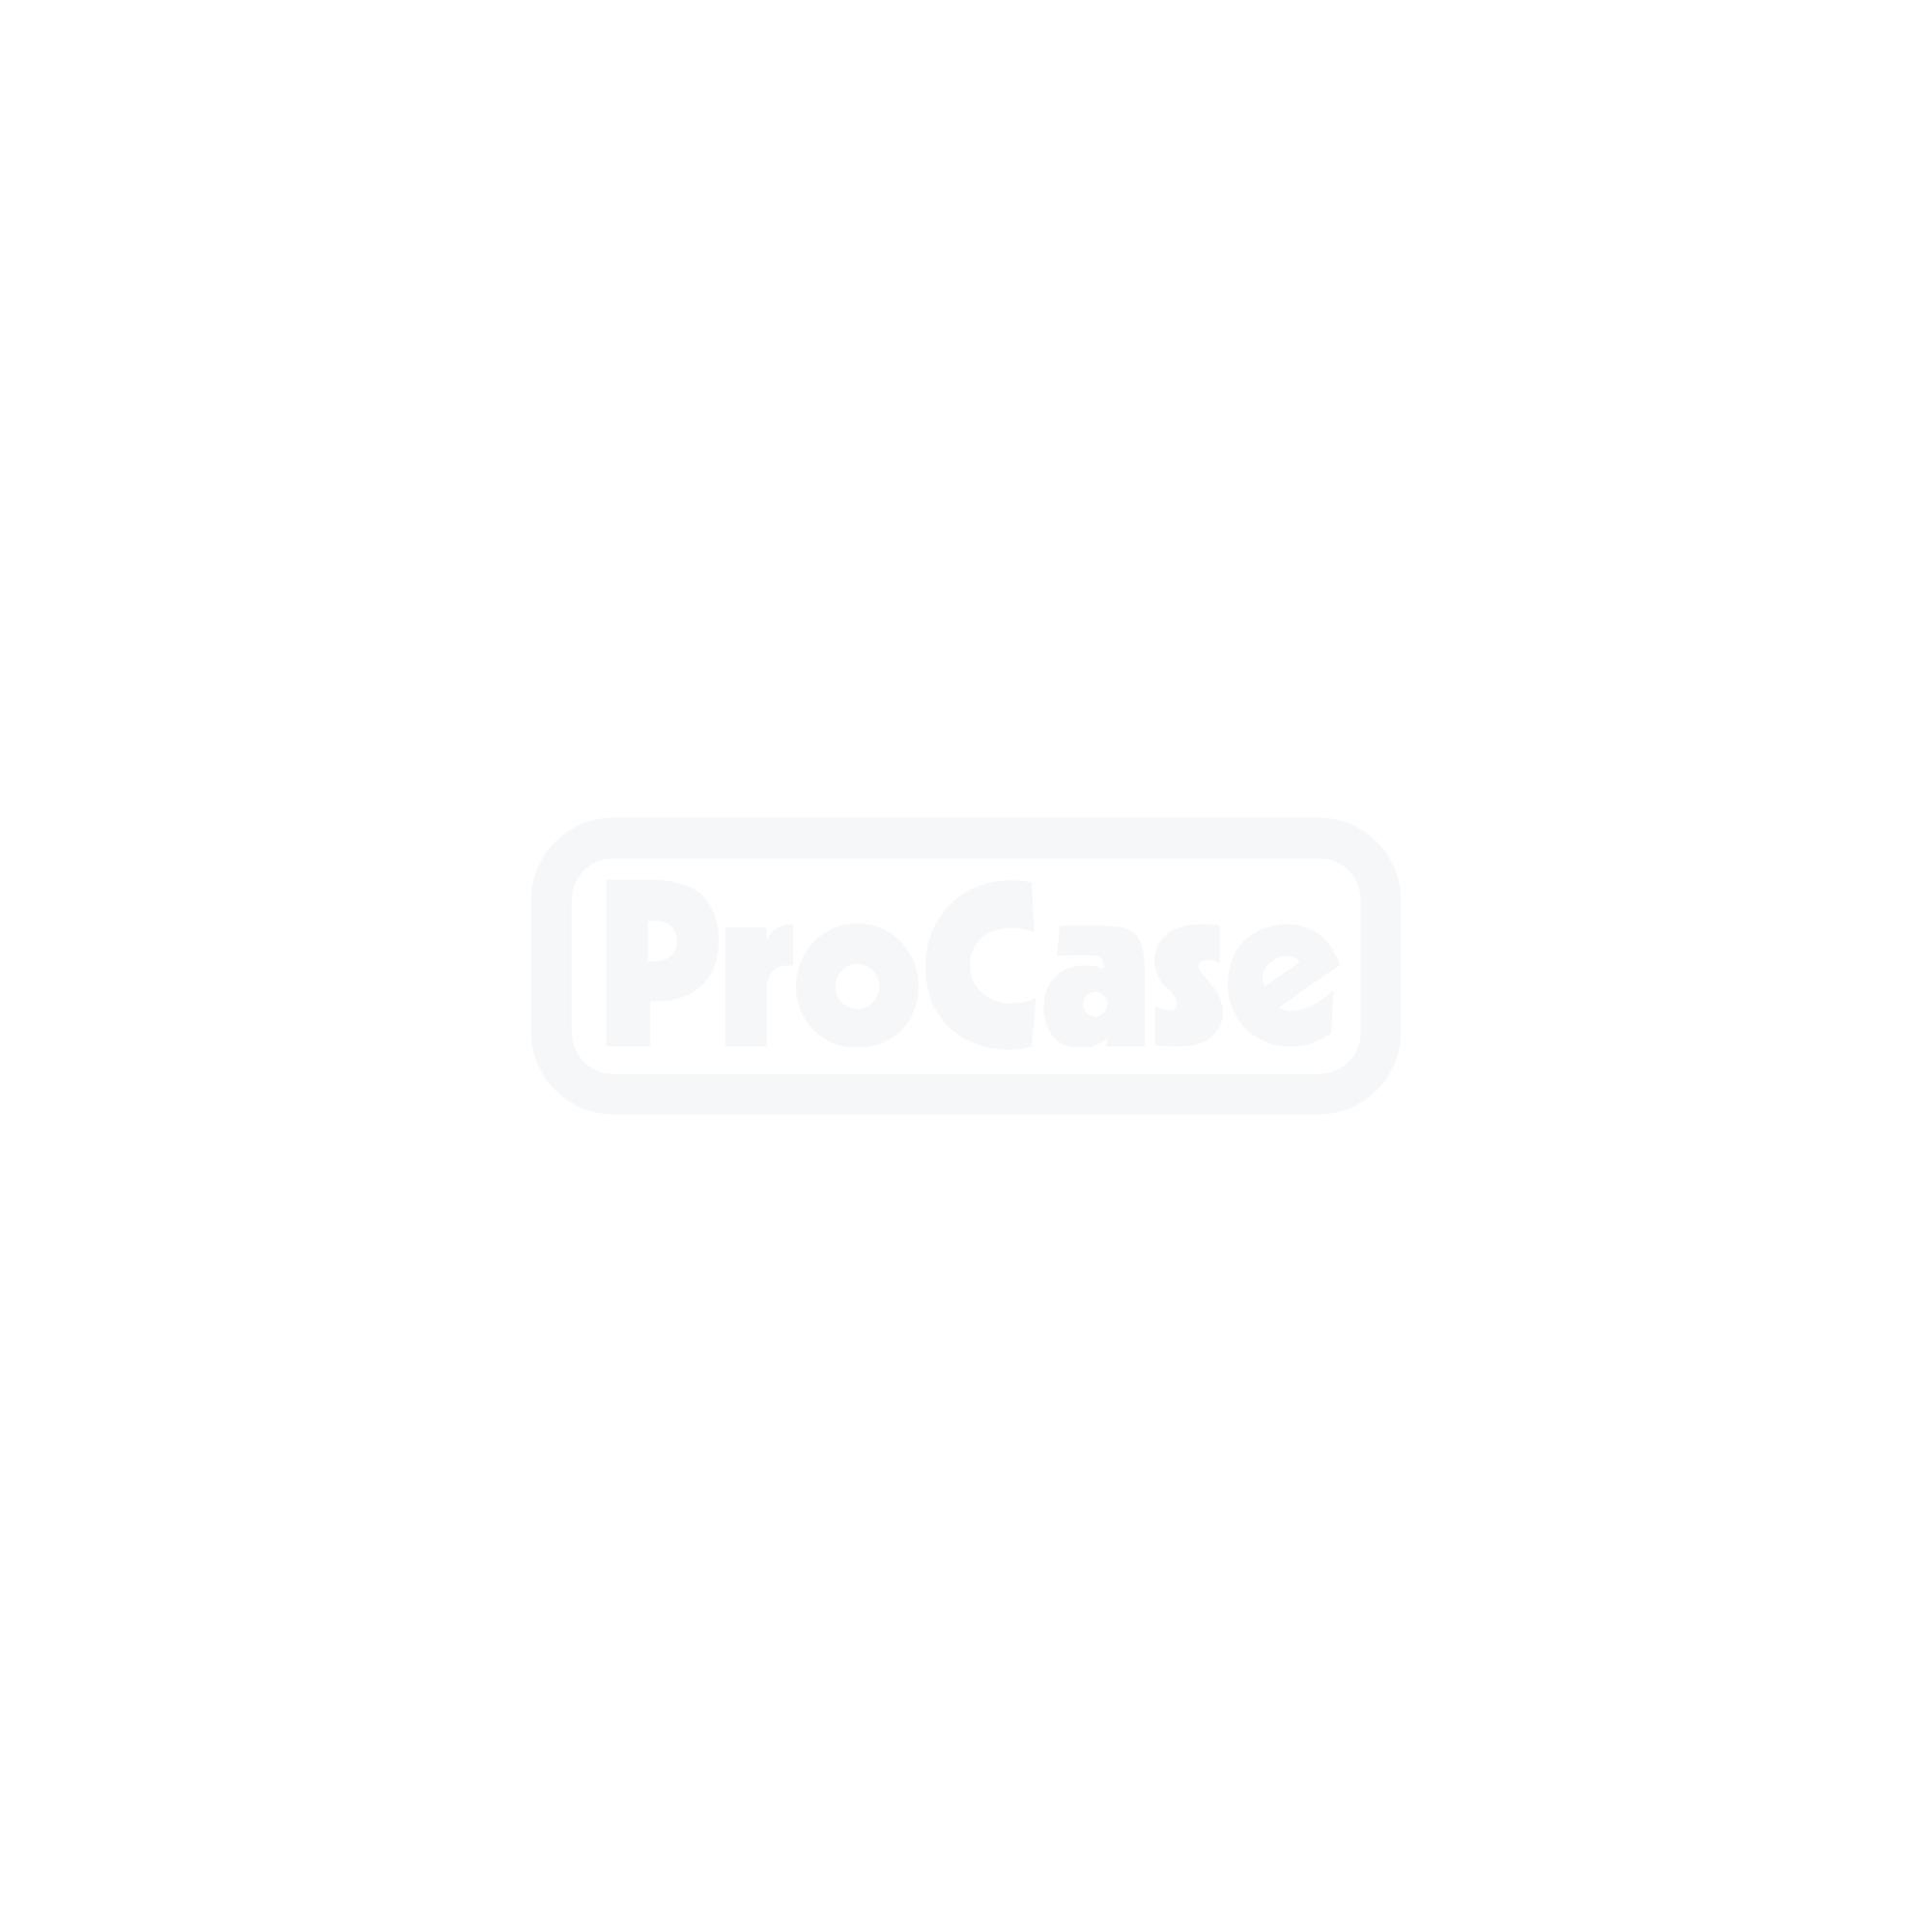 Flightcase für 4 Arri True Blue T1 mit TV-Zapfen 2